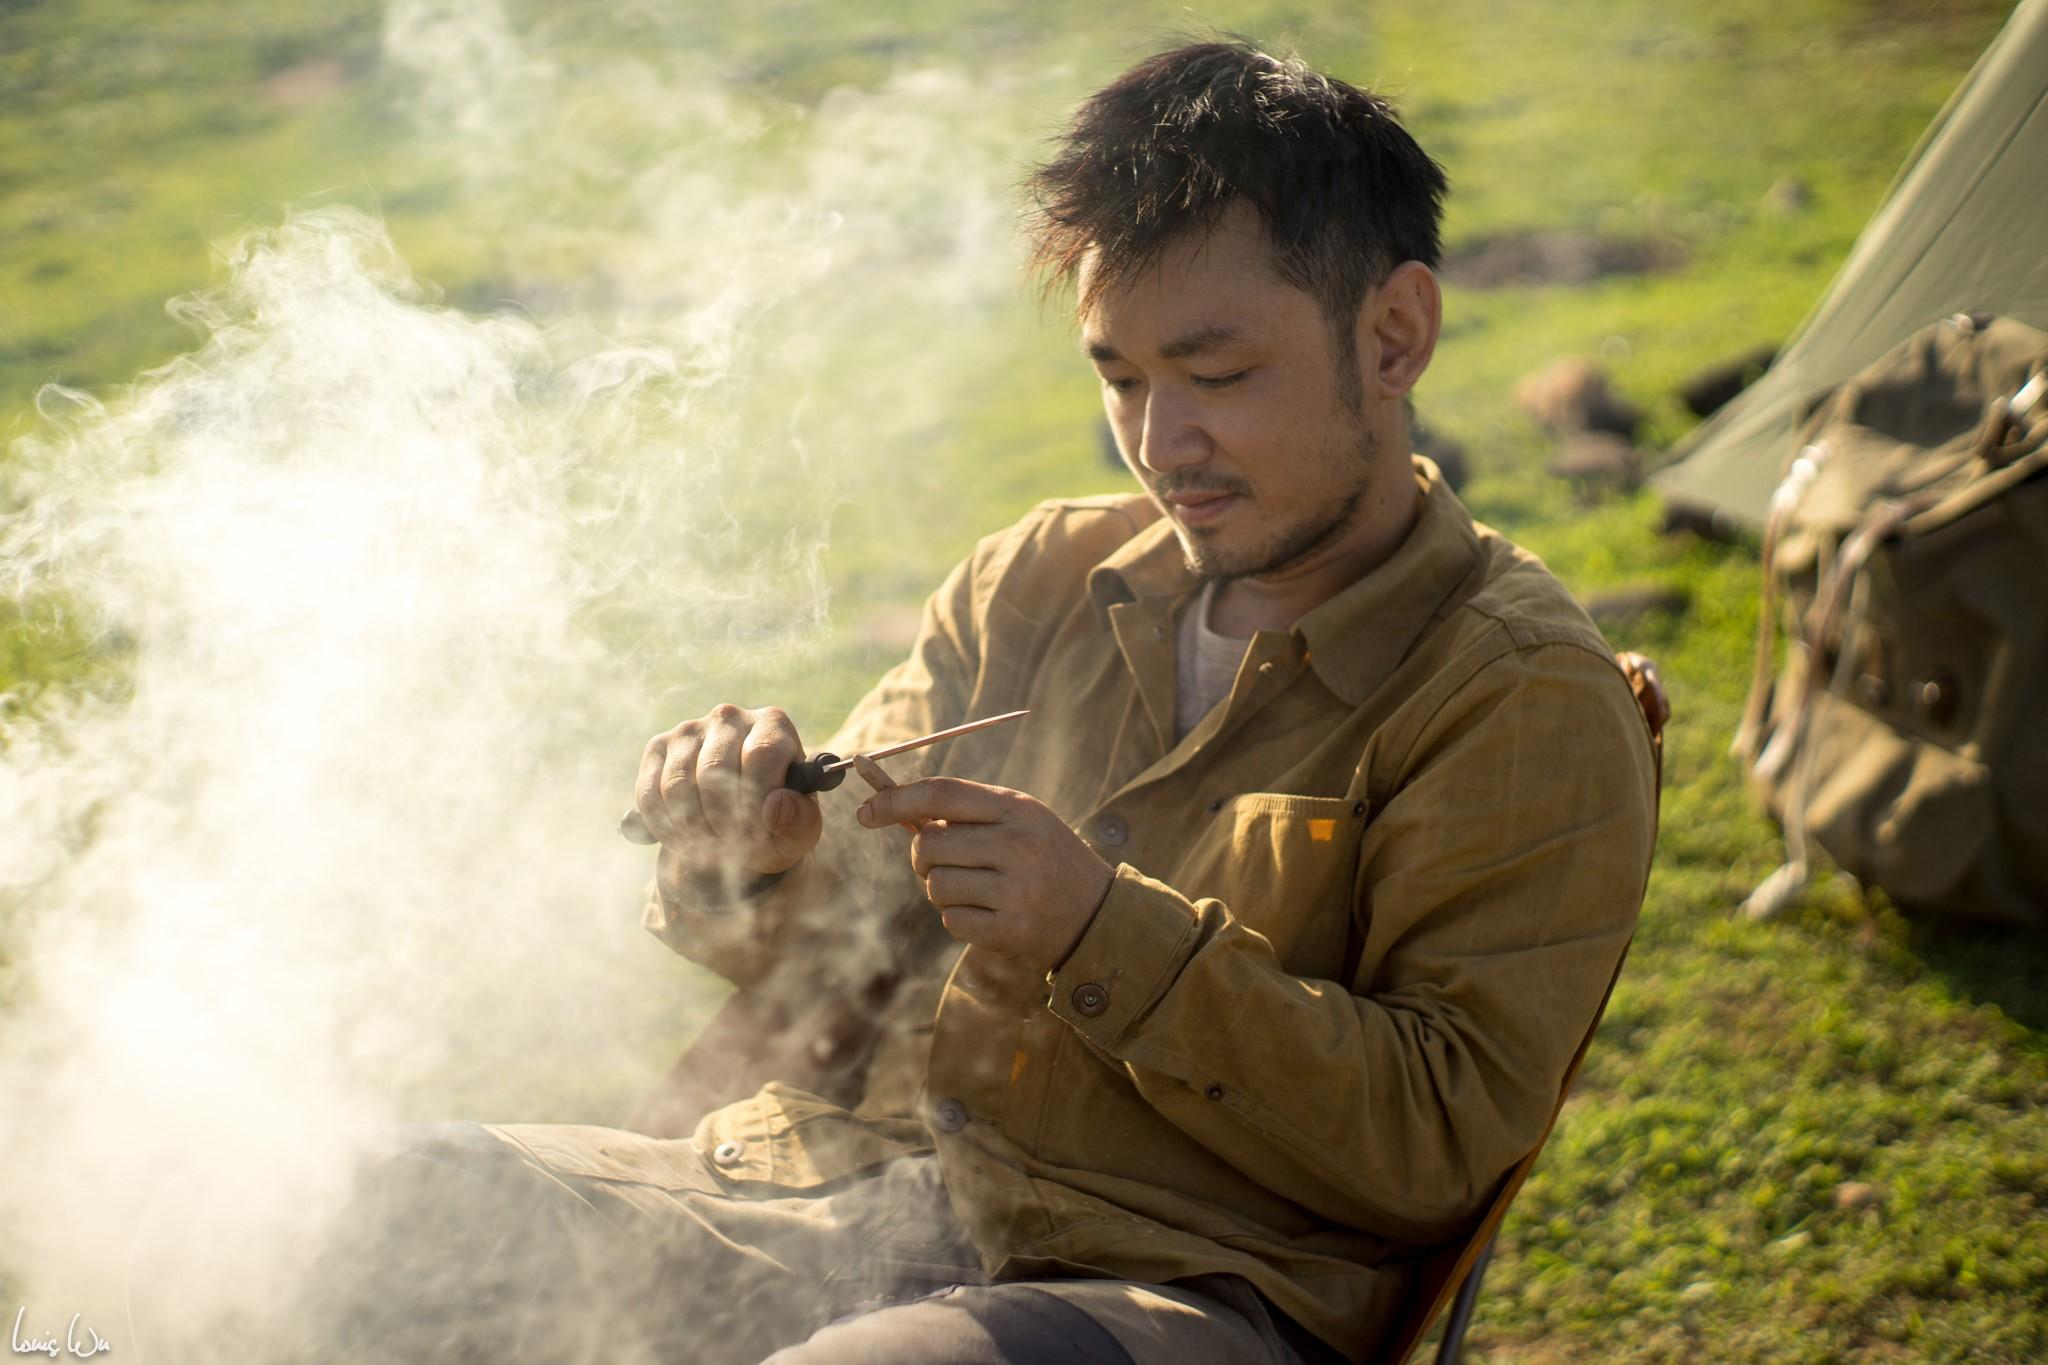 Bản thân anh quen Tiêu Châu Như Quỳnh một lần hợp tác cách đây 3 năm rưỡi. Sau đó, họ cảm nhân sự rung động dành cho đối phương và quyết định tìm hiểu nhau đến hiện tại.